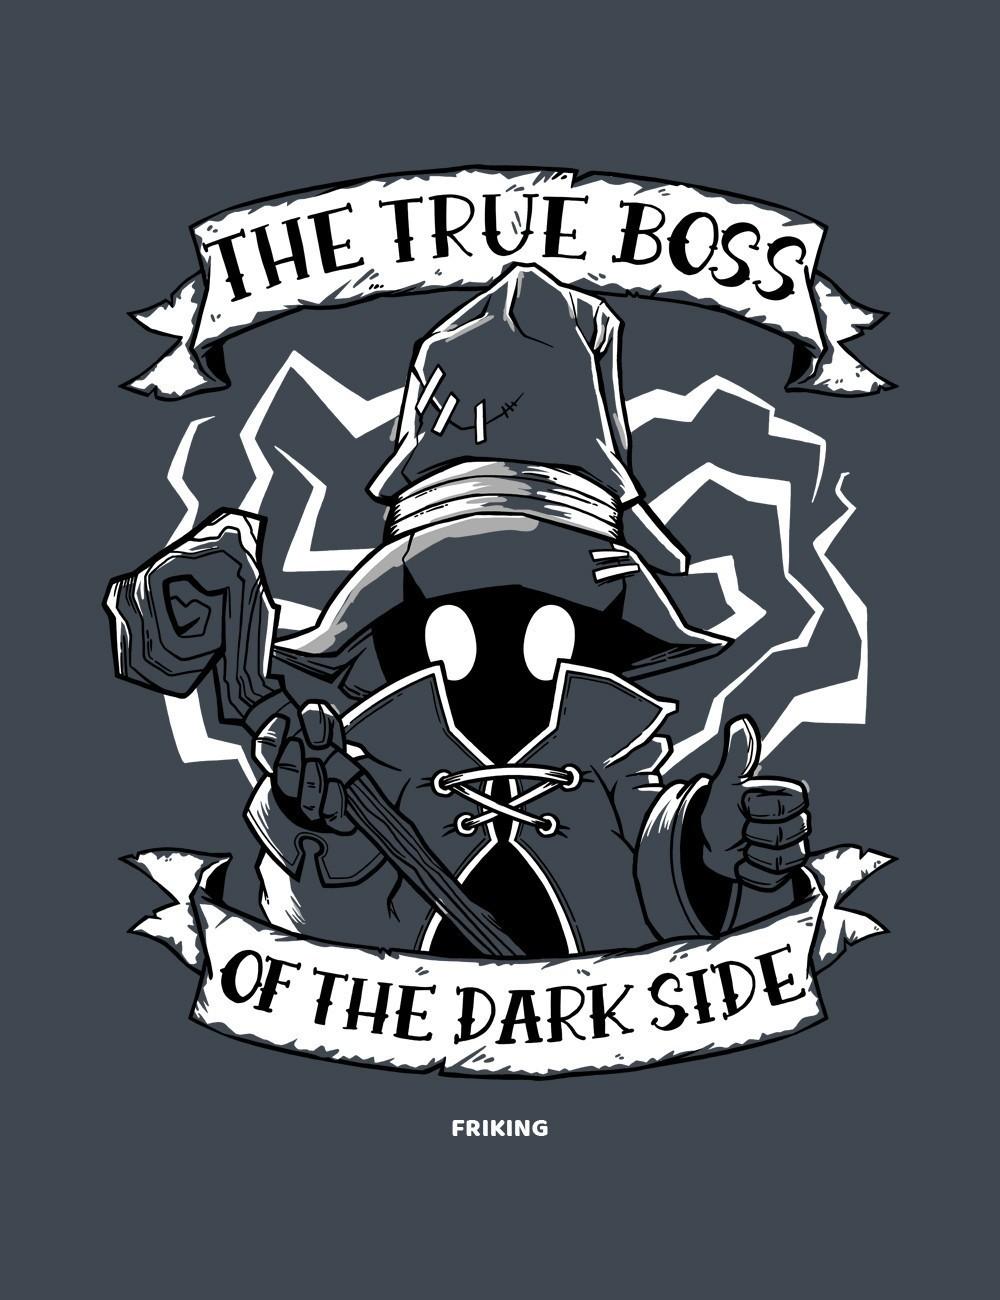 The True Boss